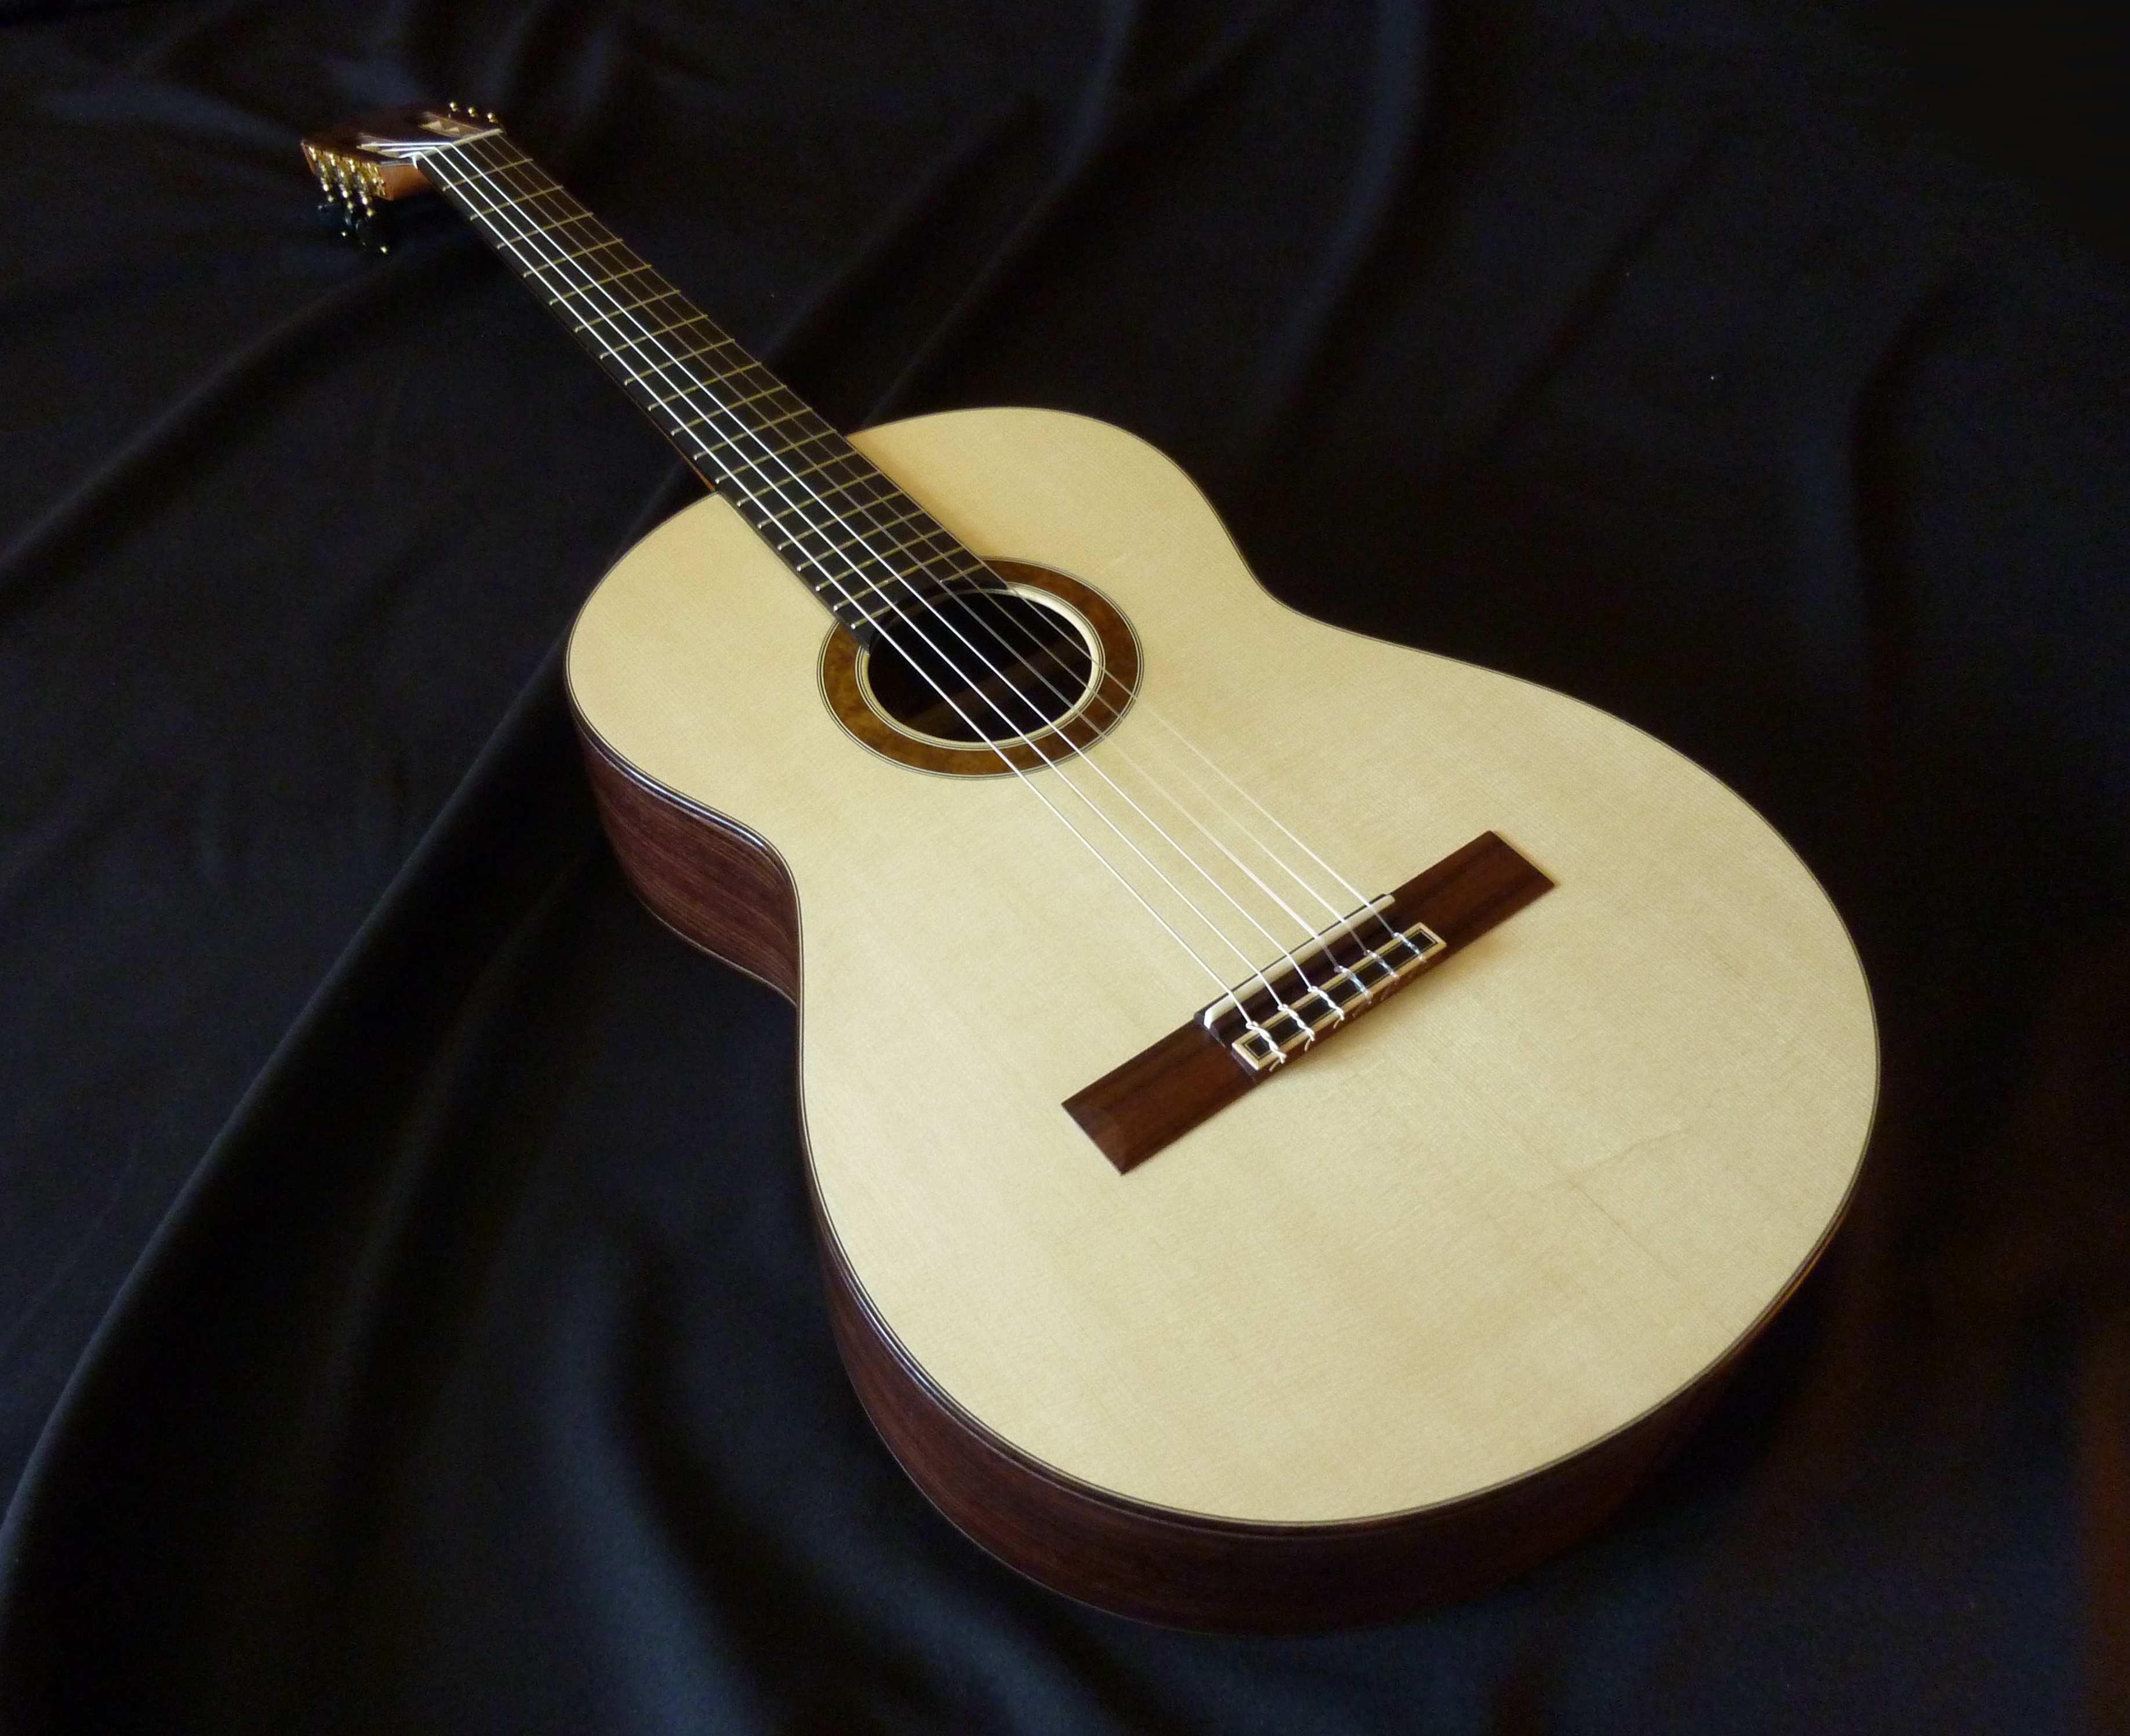 Cuando la guitarra suena, es porque ratones trae. Abeto4